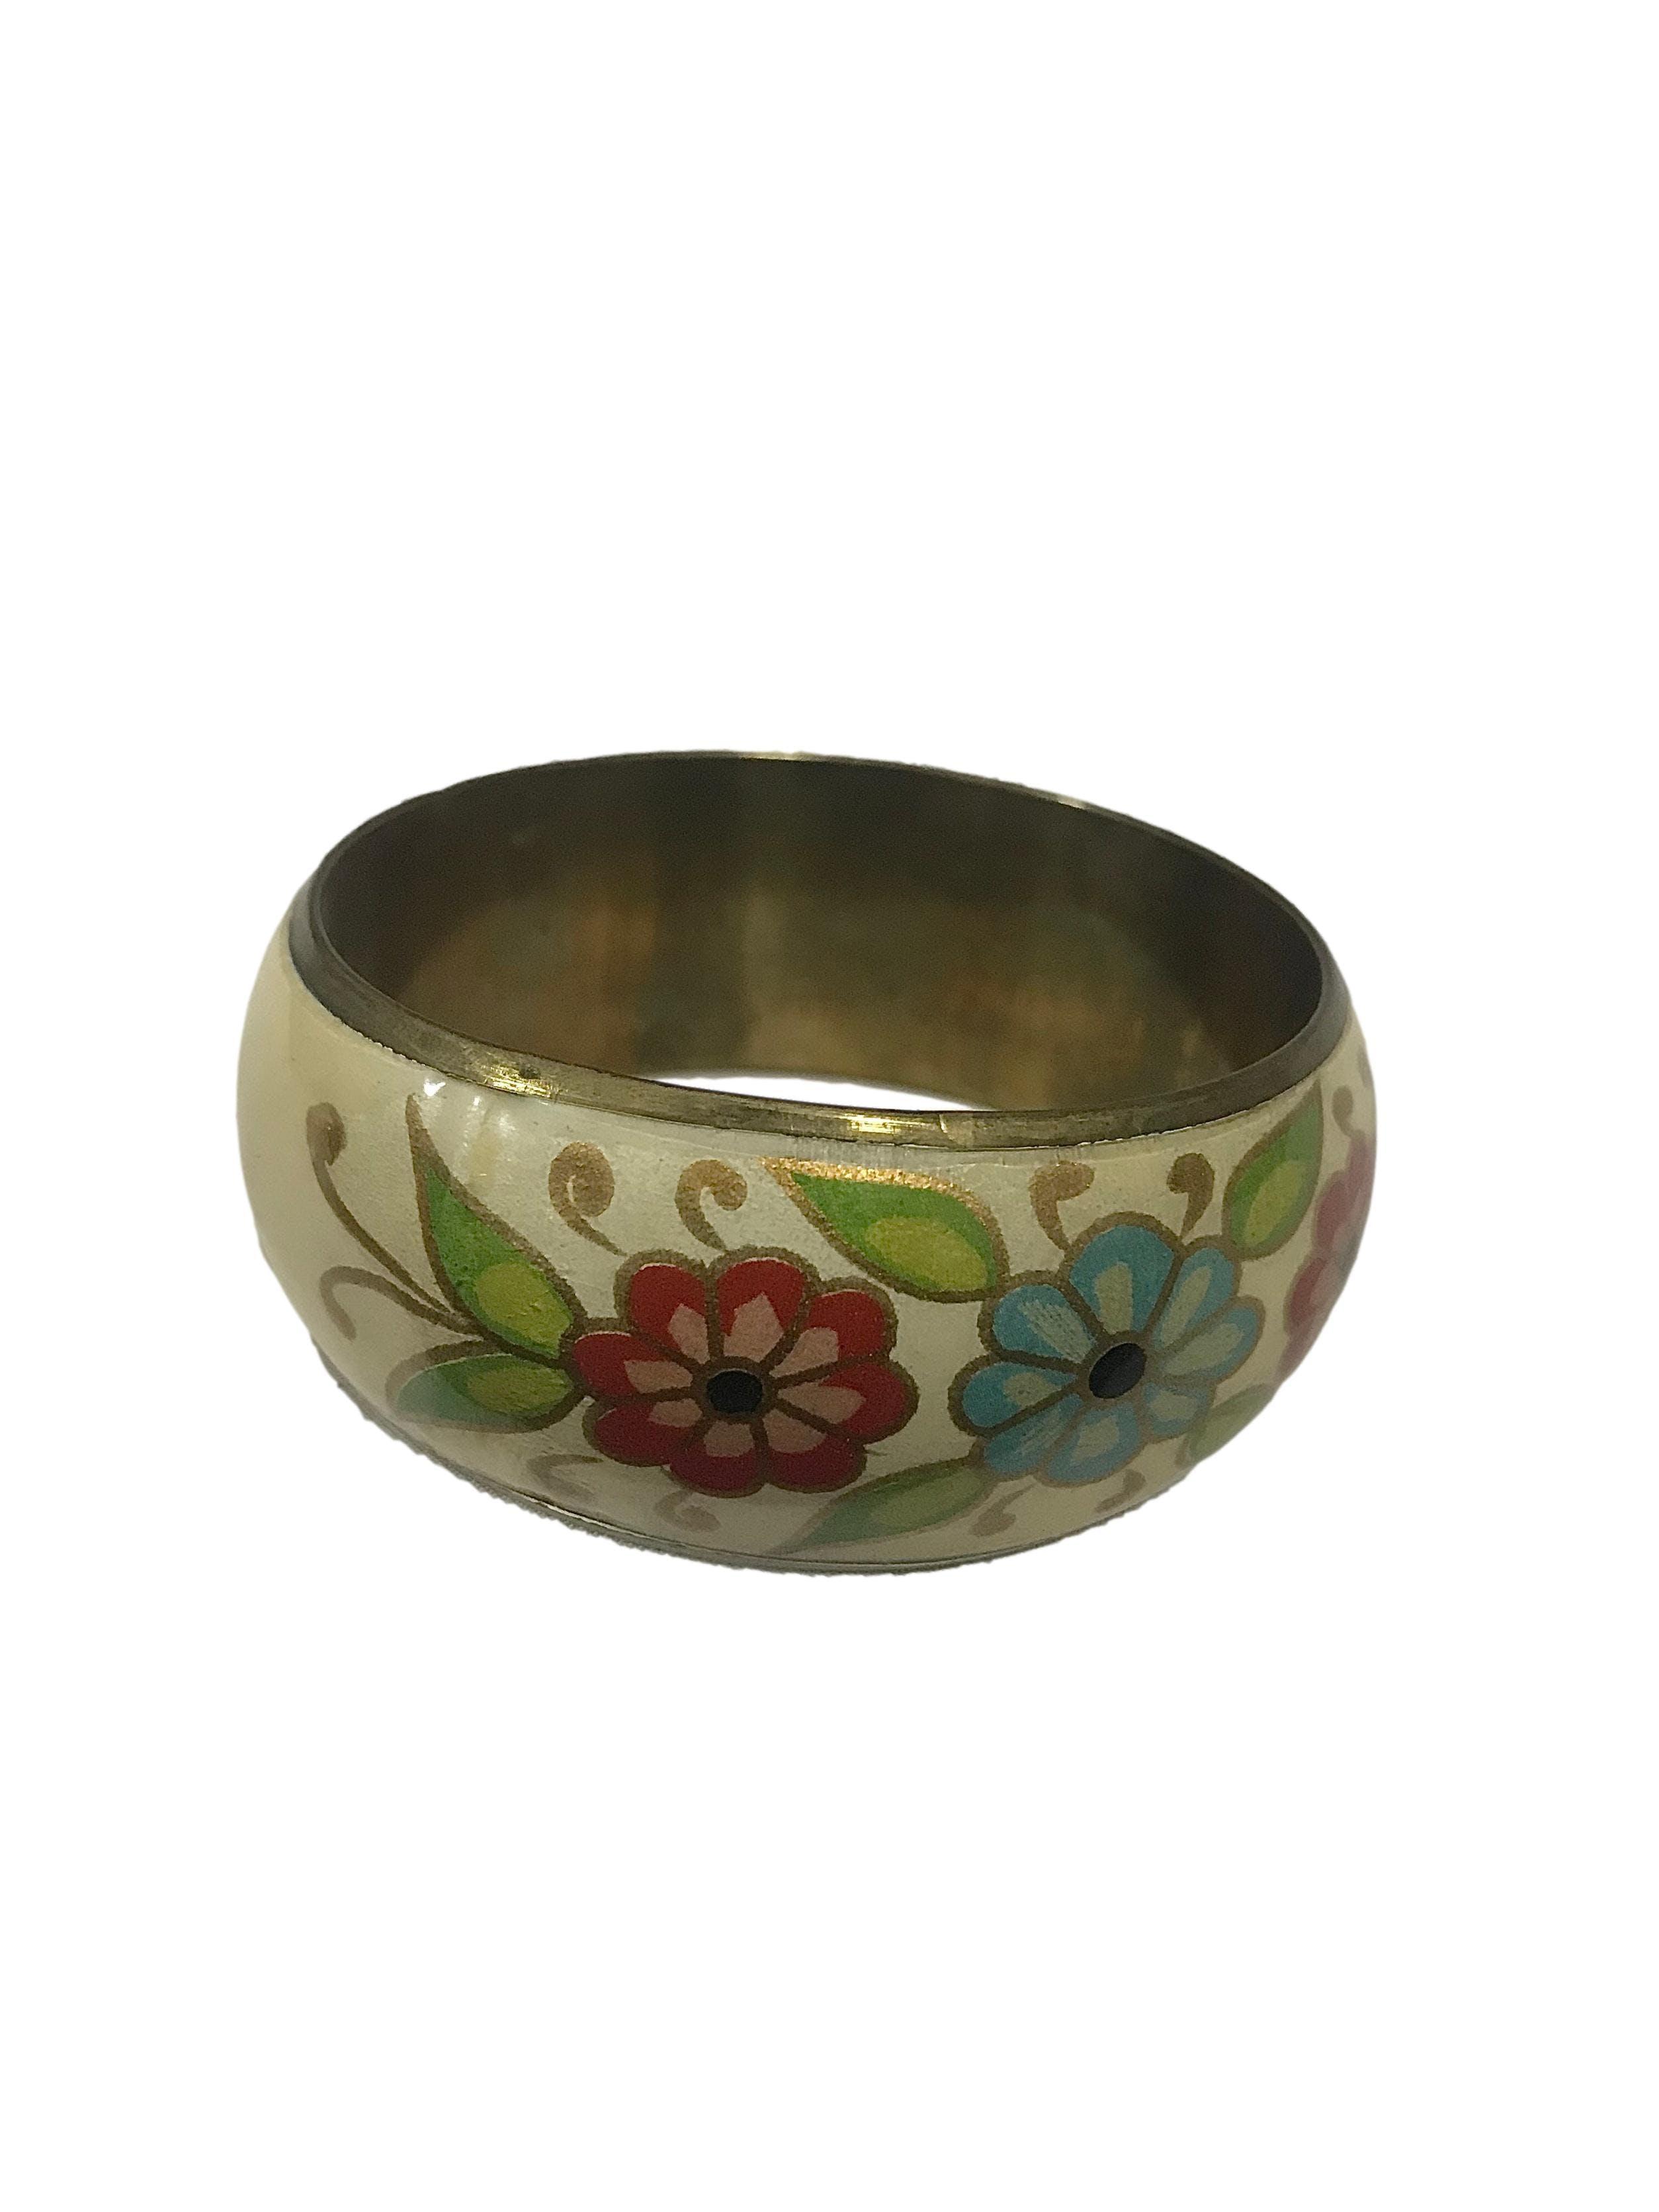 Pulsera vintage de metal con acrílico crema y flores. Circunferencia 6.5cm Ancho 2.5cm